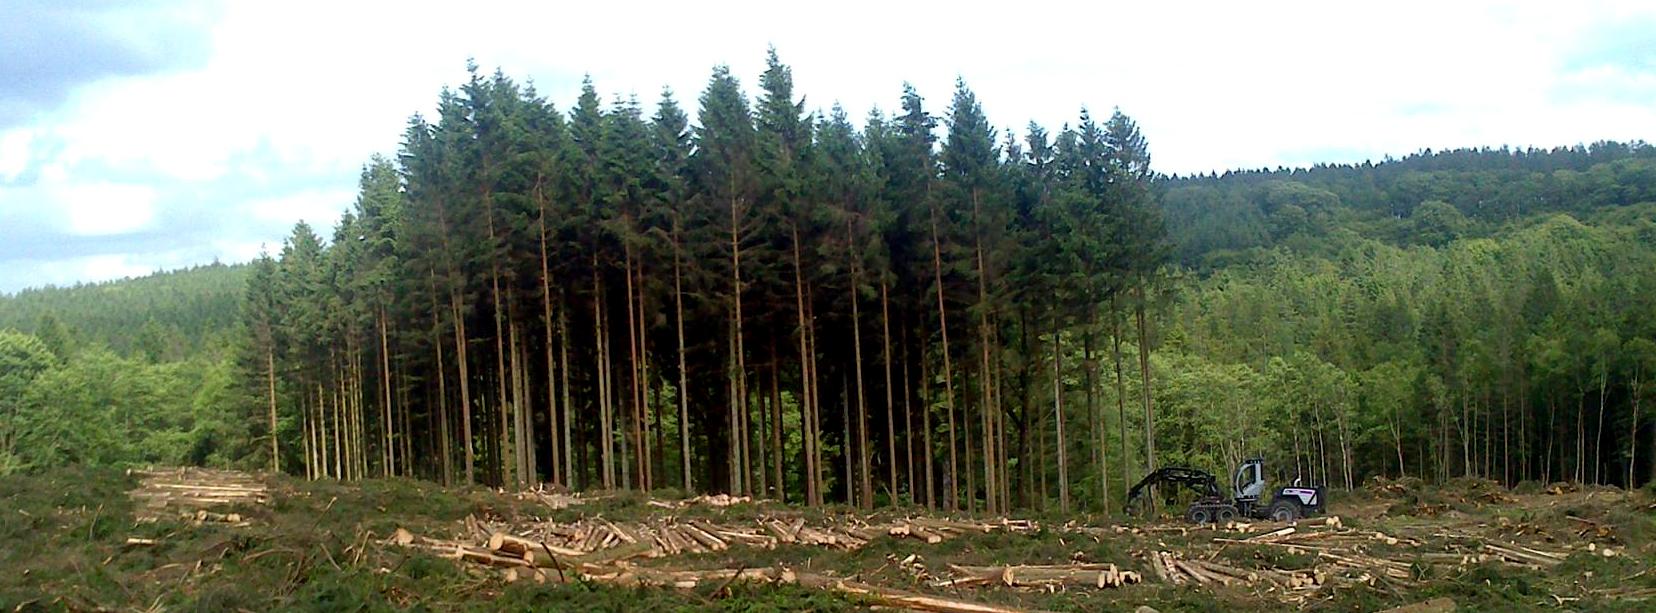 Super Skovning - professionel fældning af træer i skov RQ74